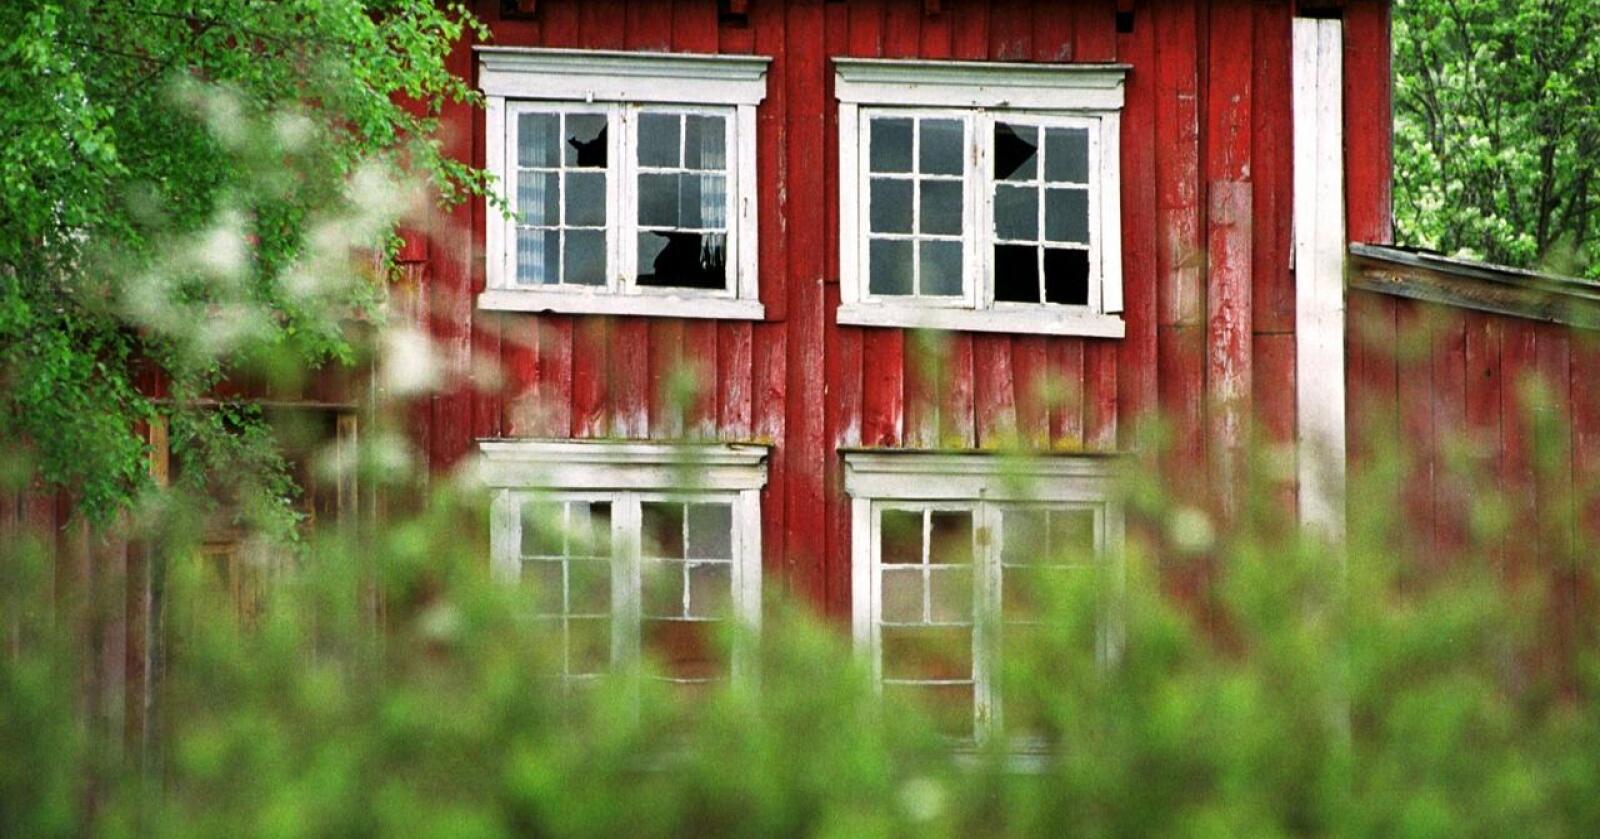 Penger til vern, ikke riving: Mange eiere bruker alt de har av ressurser på å vedlikeholde det som er vår felles, norske bygningsarv. Foto: Siri Juell Rasmussen